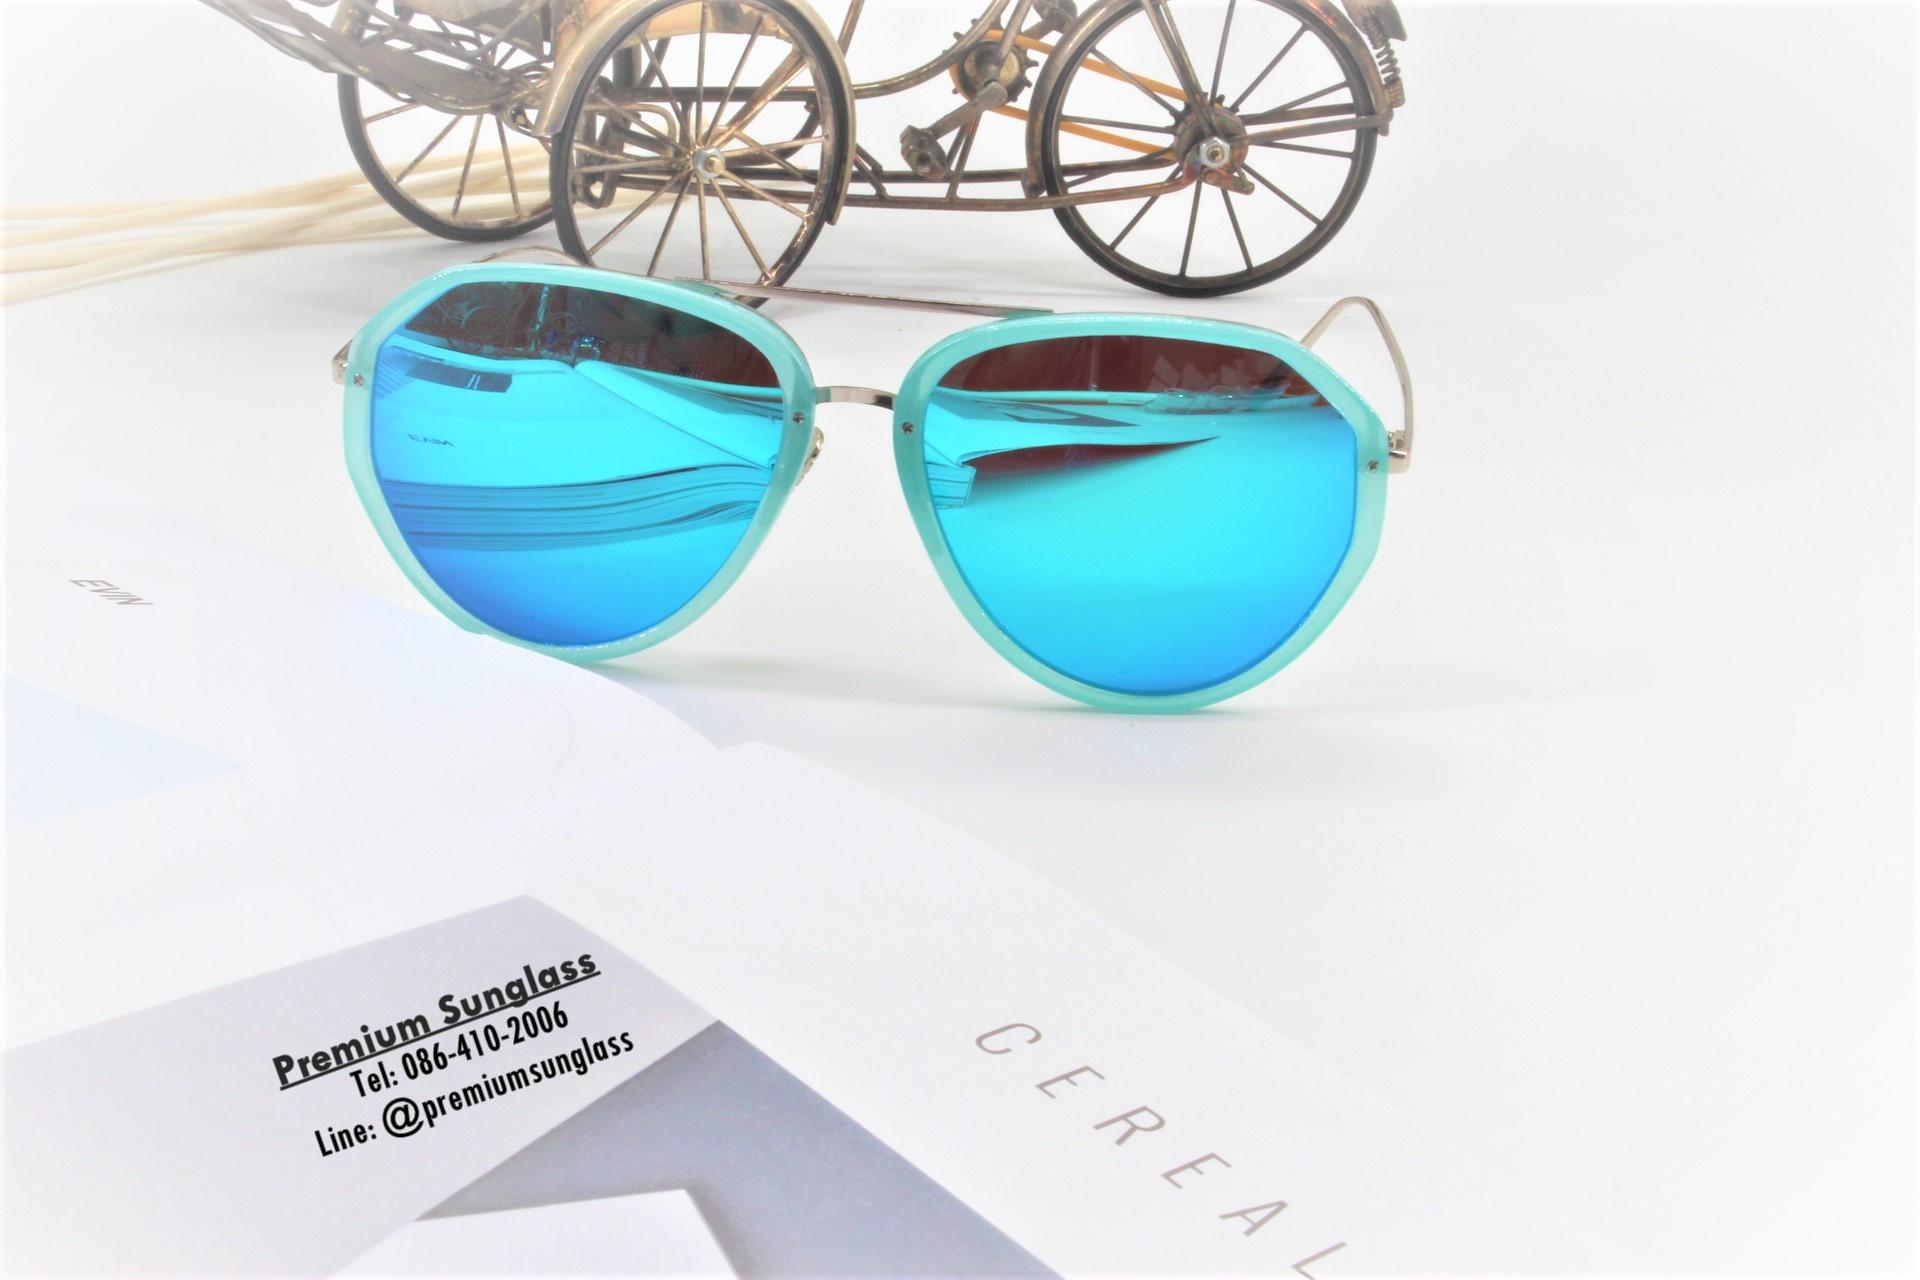 แว่นกันแดด/แว่นแฟชั่น SAV018